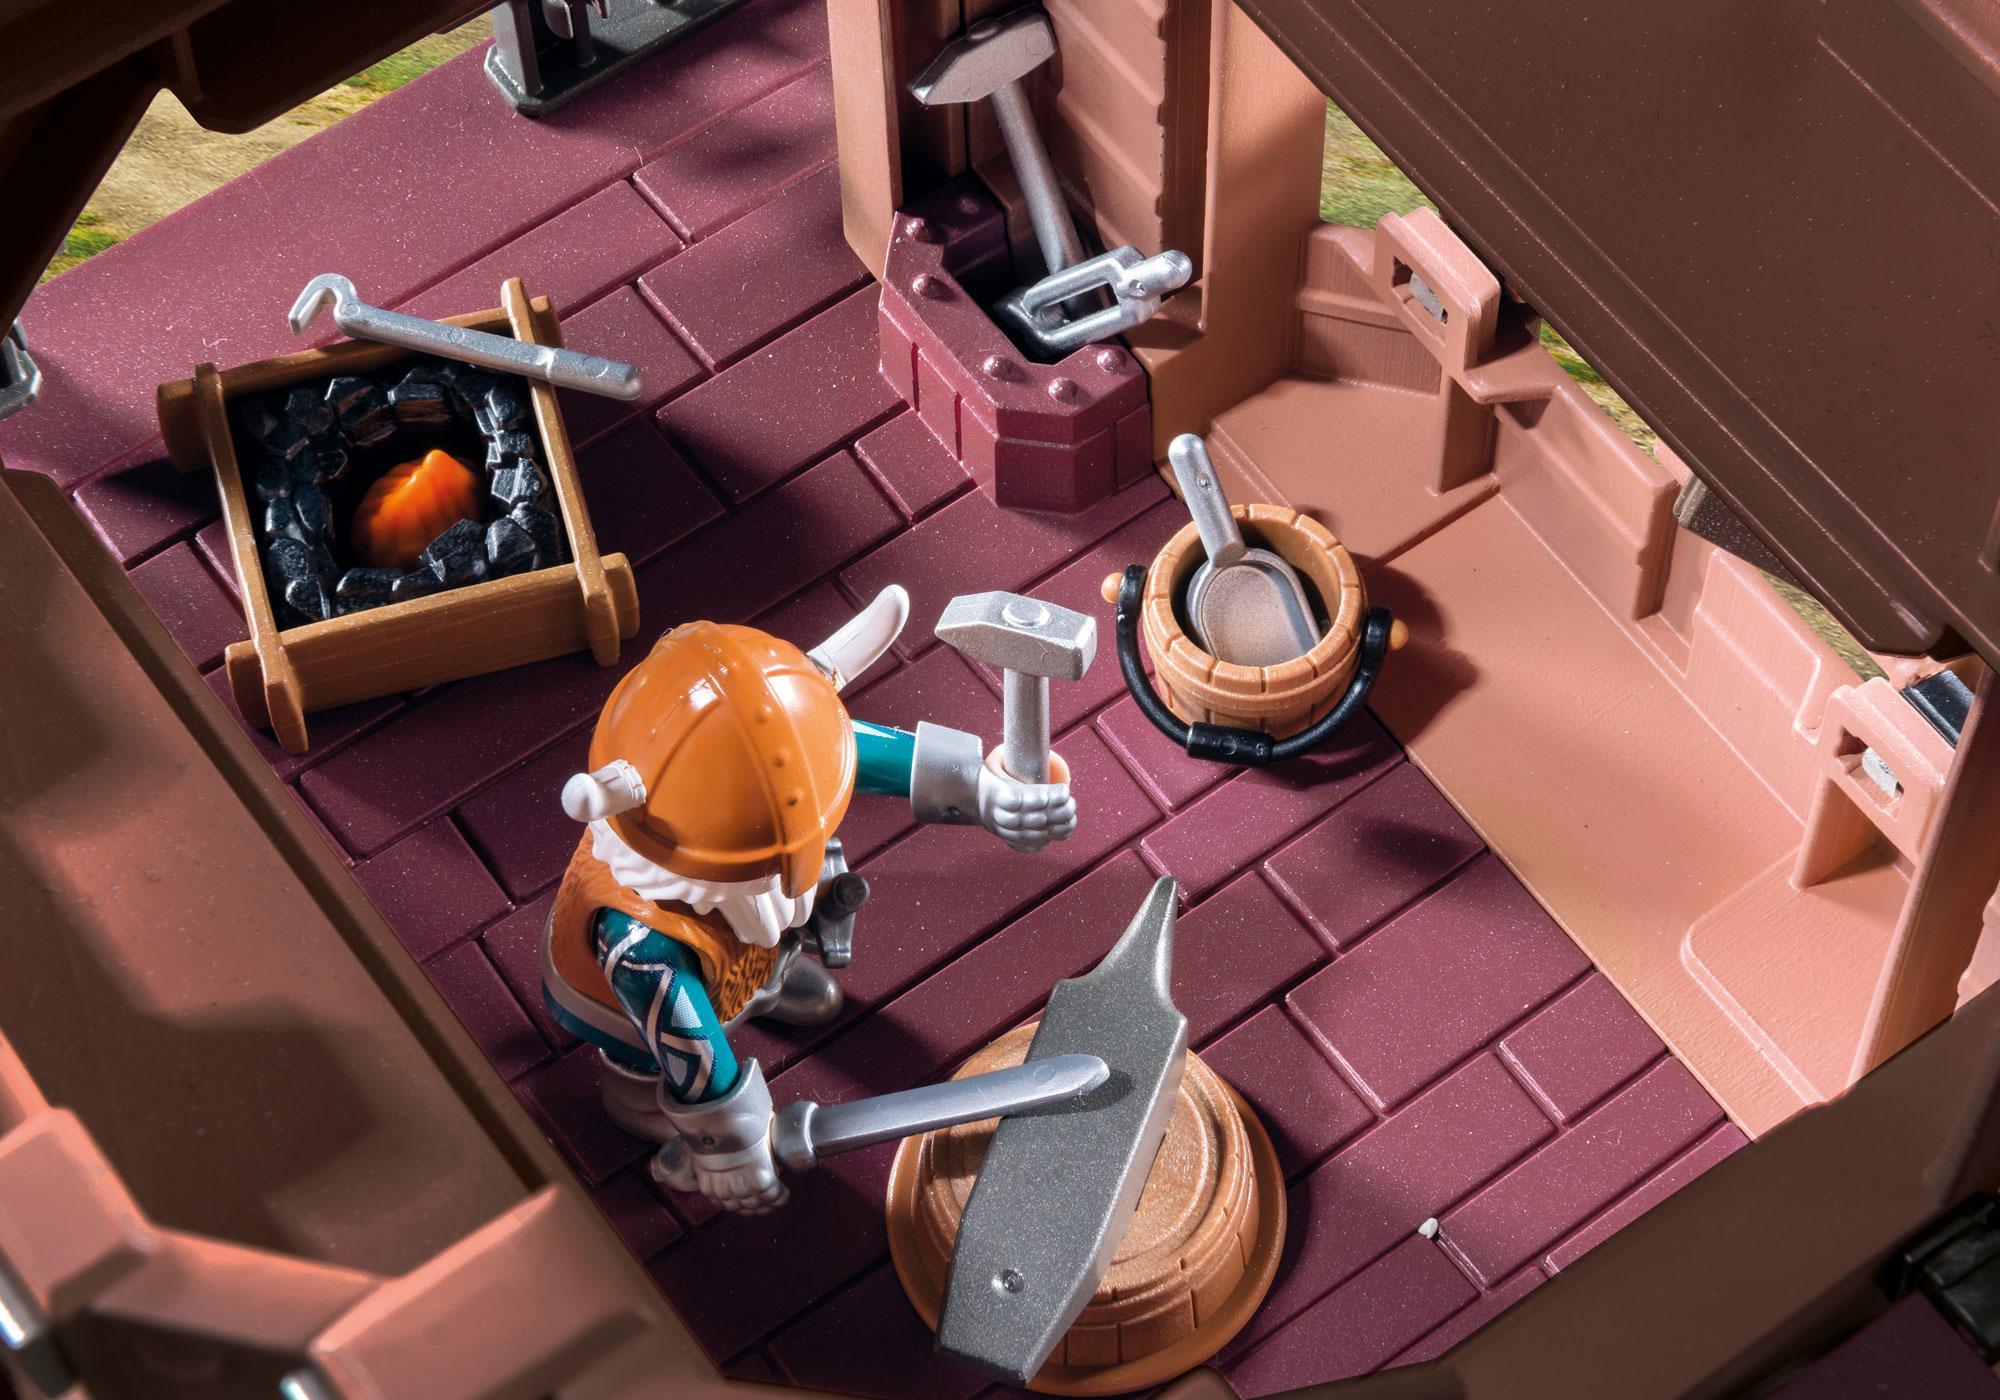 http://media.playmobil.com/i/playmobil/9340_product_extra4/Πολιορκητικός Πύργος Νάνων